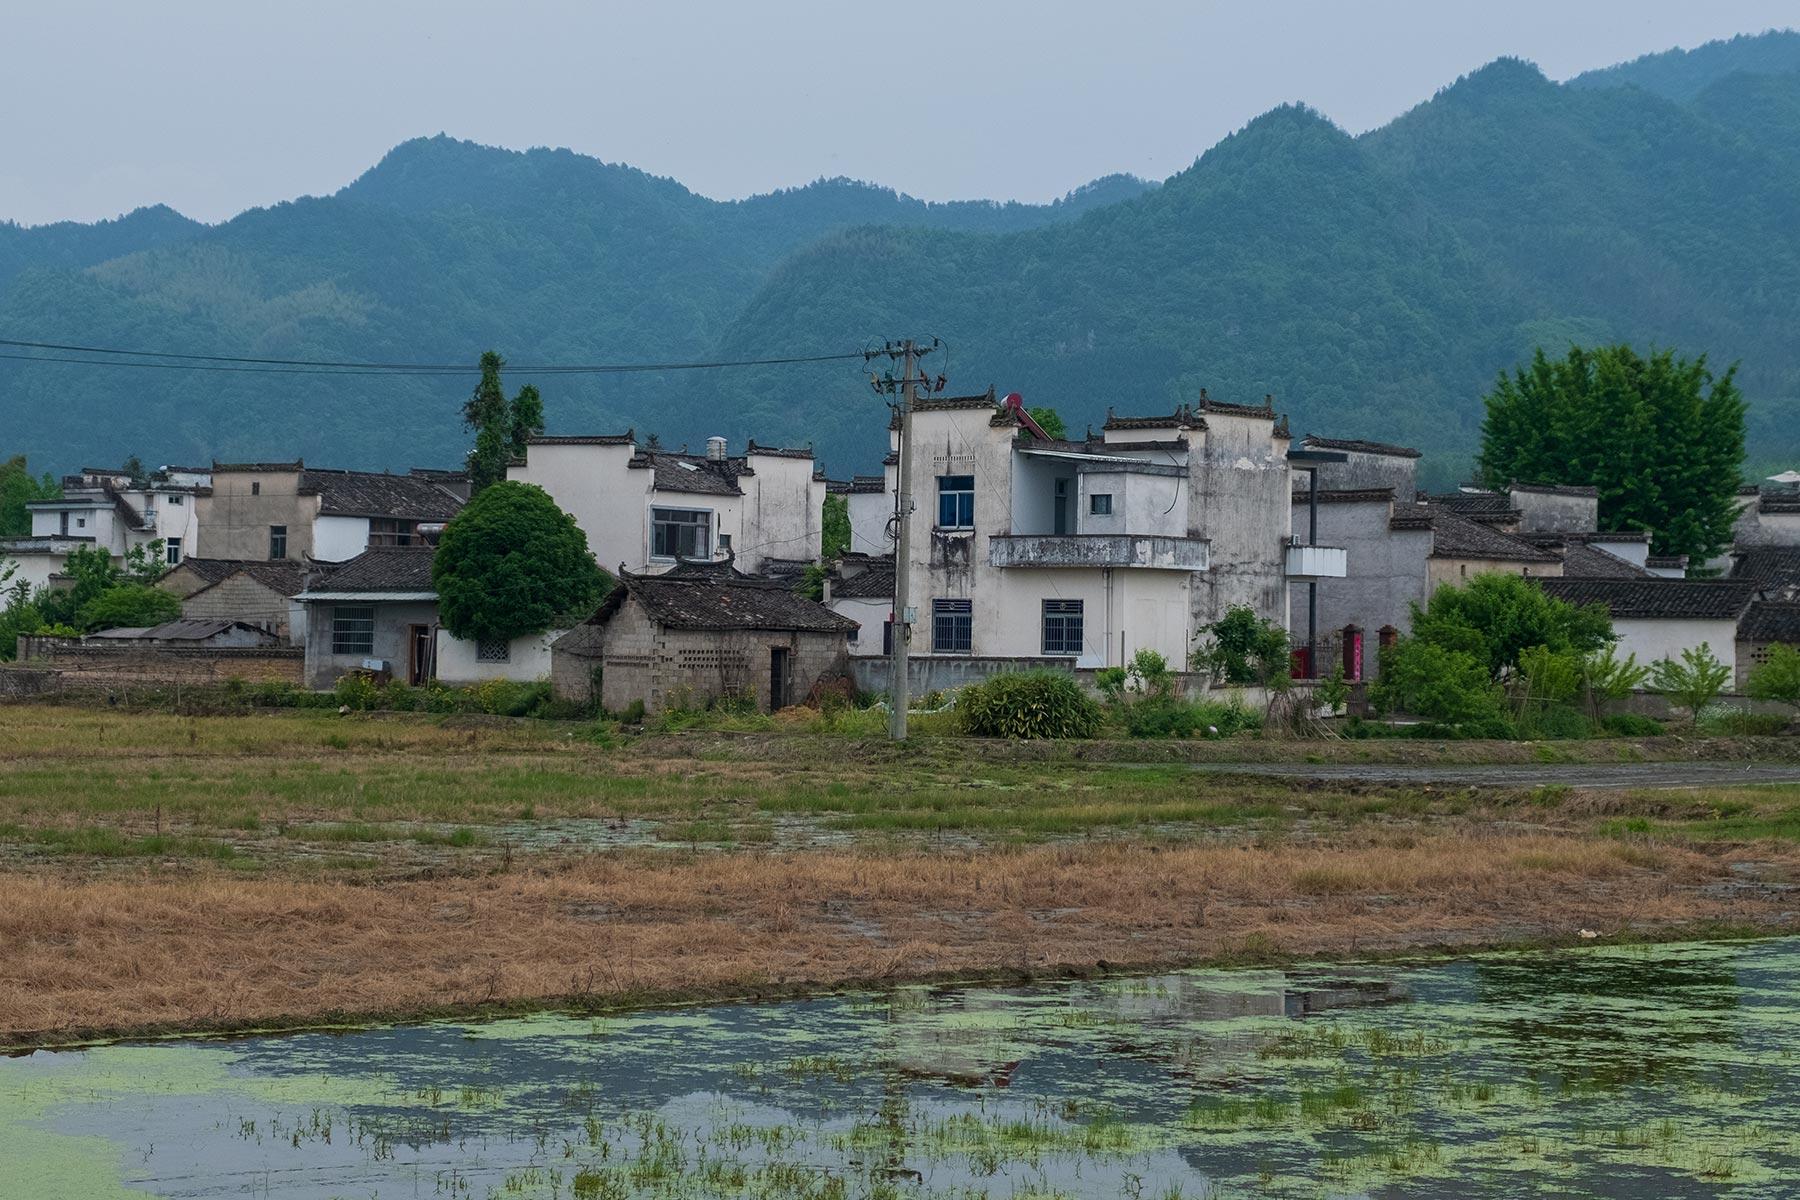 Historische Altstadt Nanping in Anhui, China